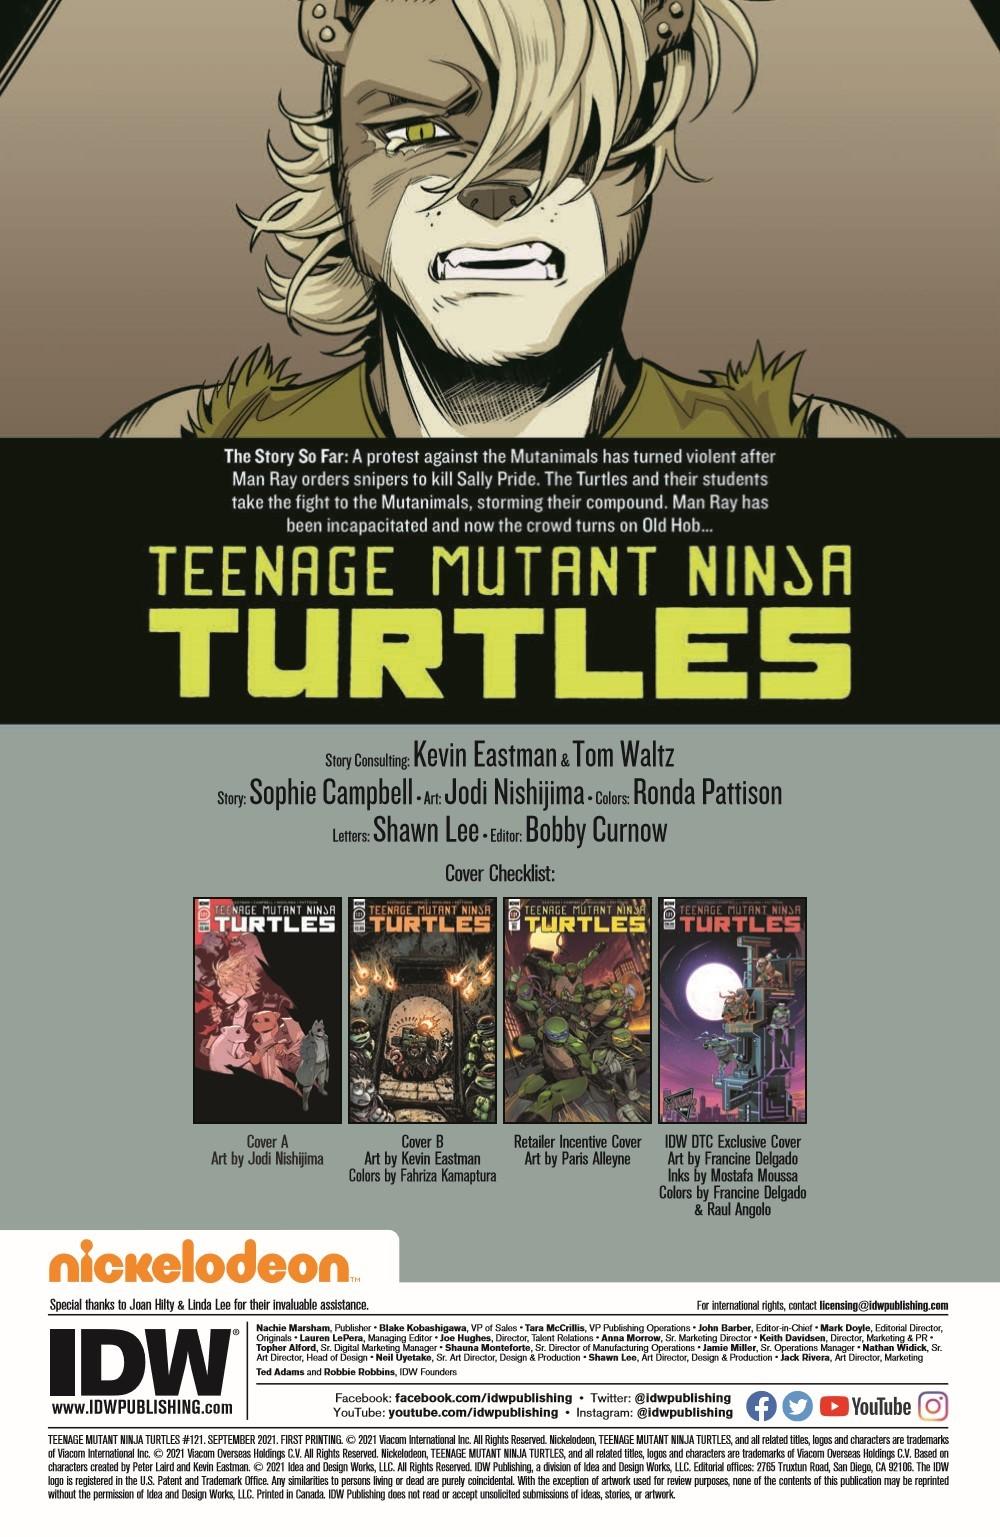 TMNT121_pr-2 ComicList Previews: TEENAGE MUTANT NINJA TURTLES #121